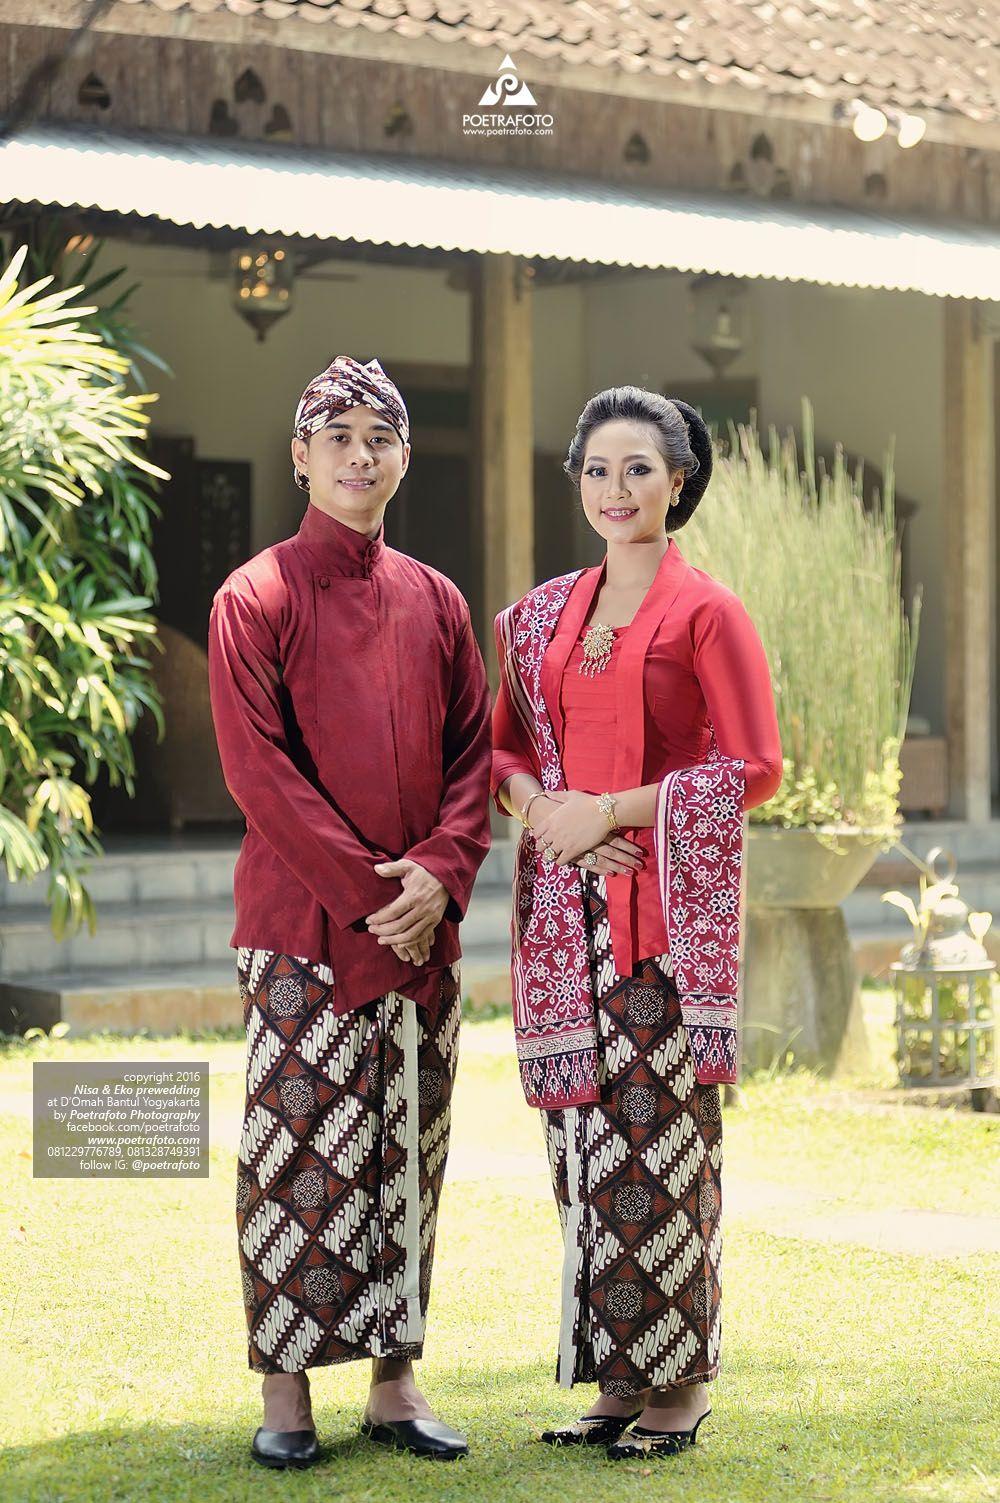 Prewedding Jawa Romantis Unik 17 Foto Prewed Adat Jawa Outdoor Indoor D Omah Jogja Nesa Eko Foto Perkawinan Gaya Pengantin Fotografer